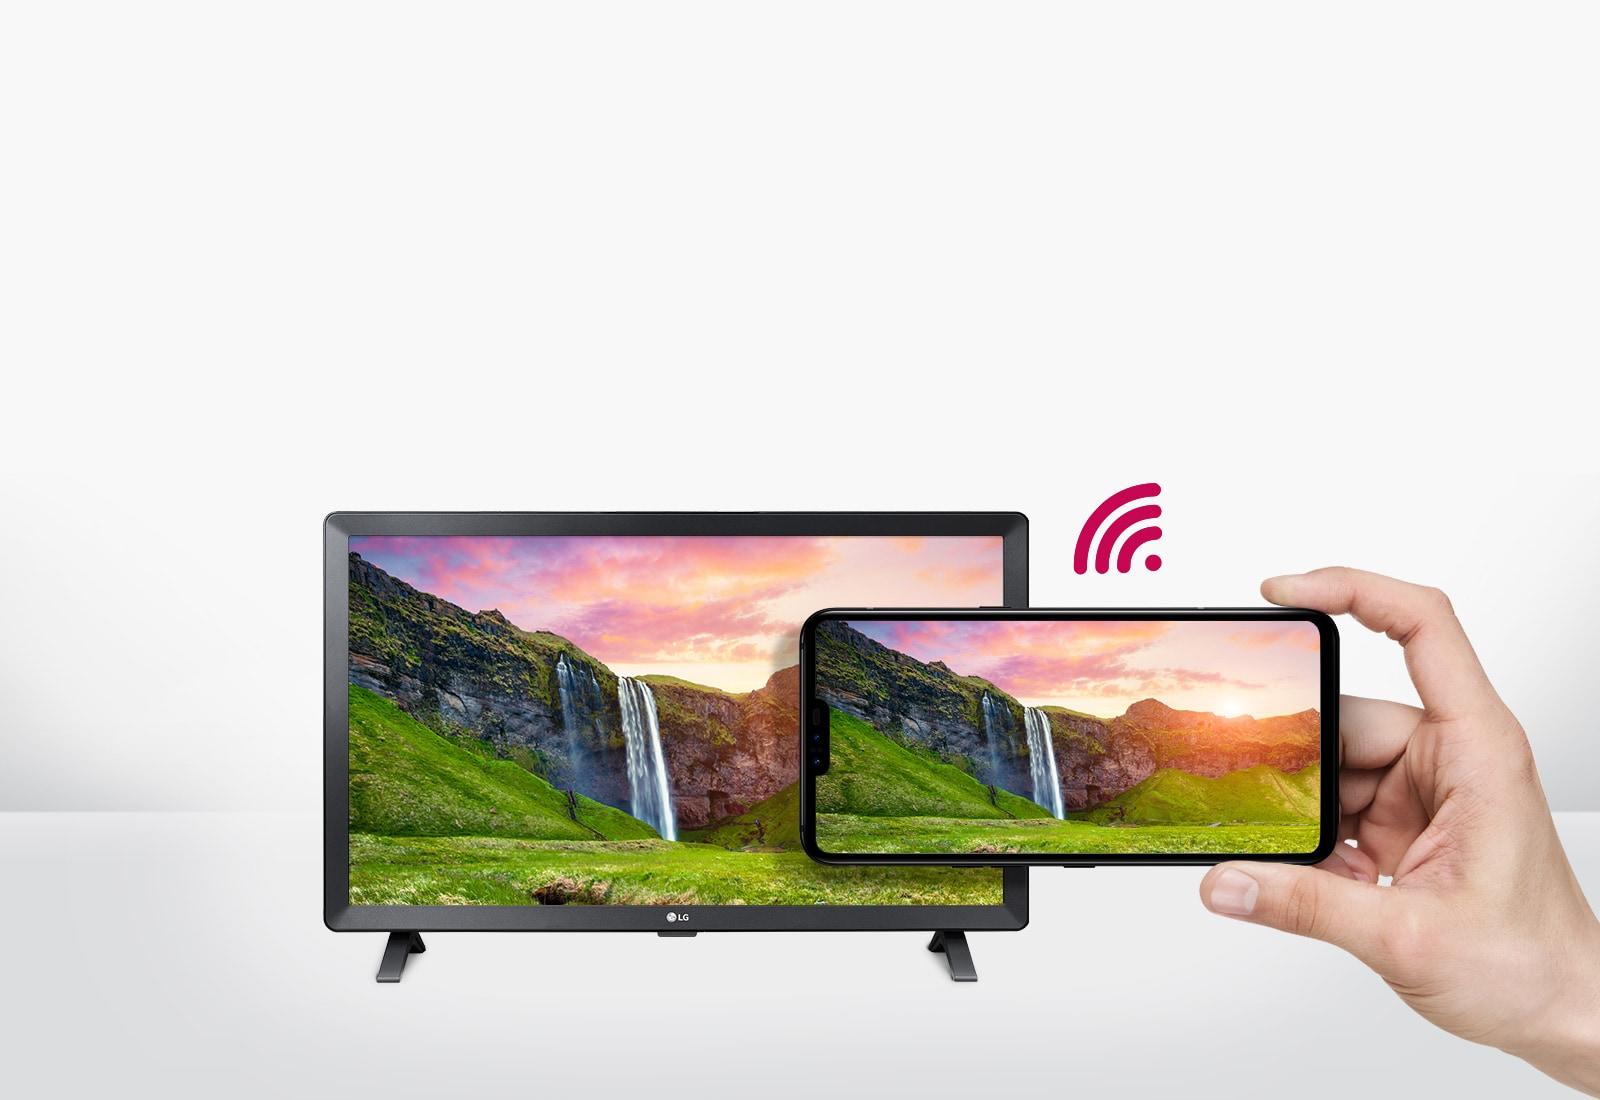 Встроенный Wi-Fi и беспроводное решение, такое как содержимое смартфона на большом экране